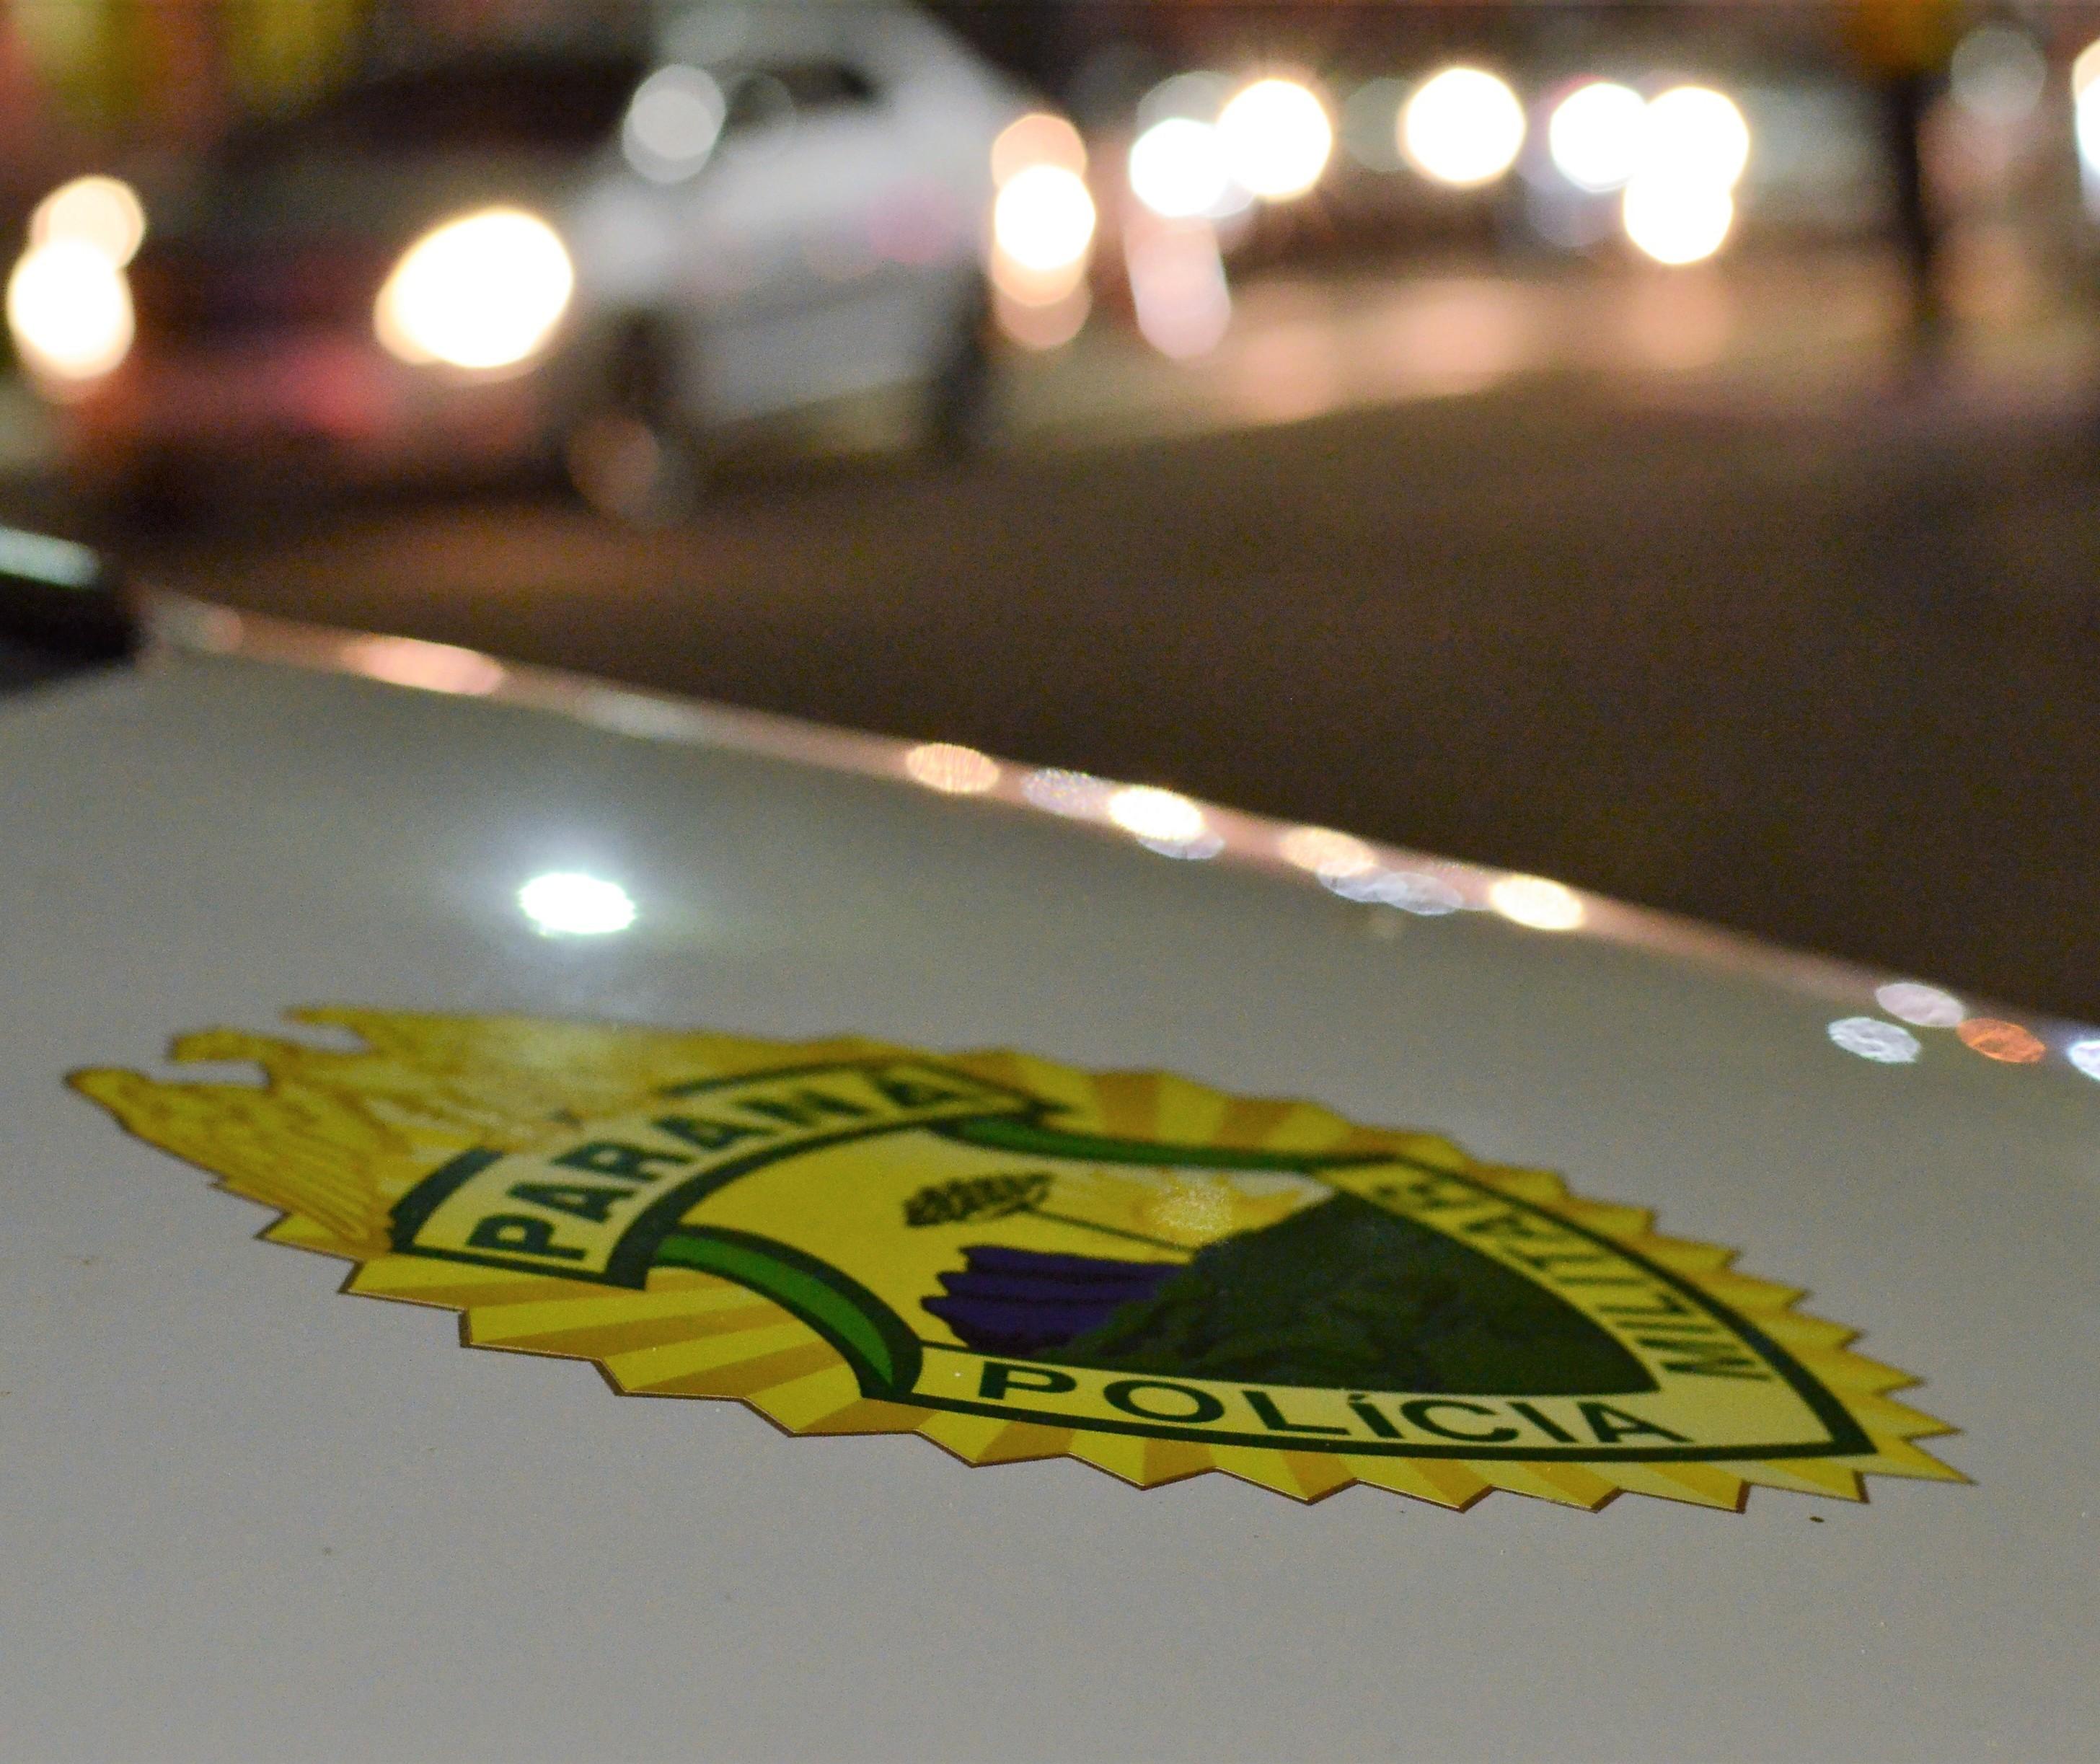 Após fugir da PM e subir em telhado, jovens são presos por tráfico de drogas